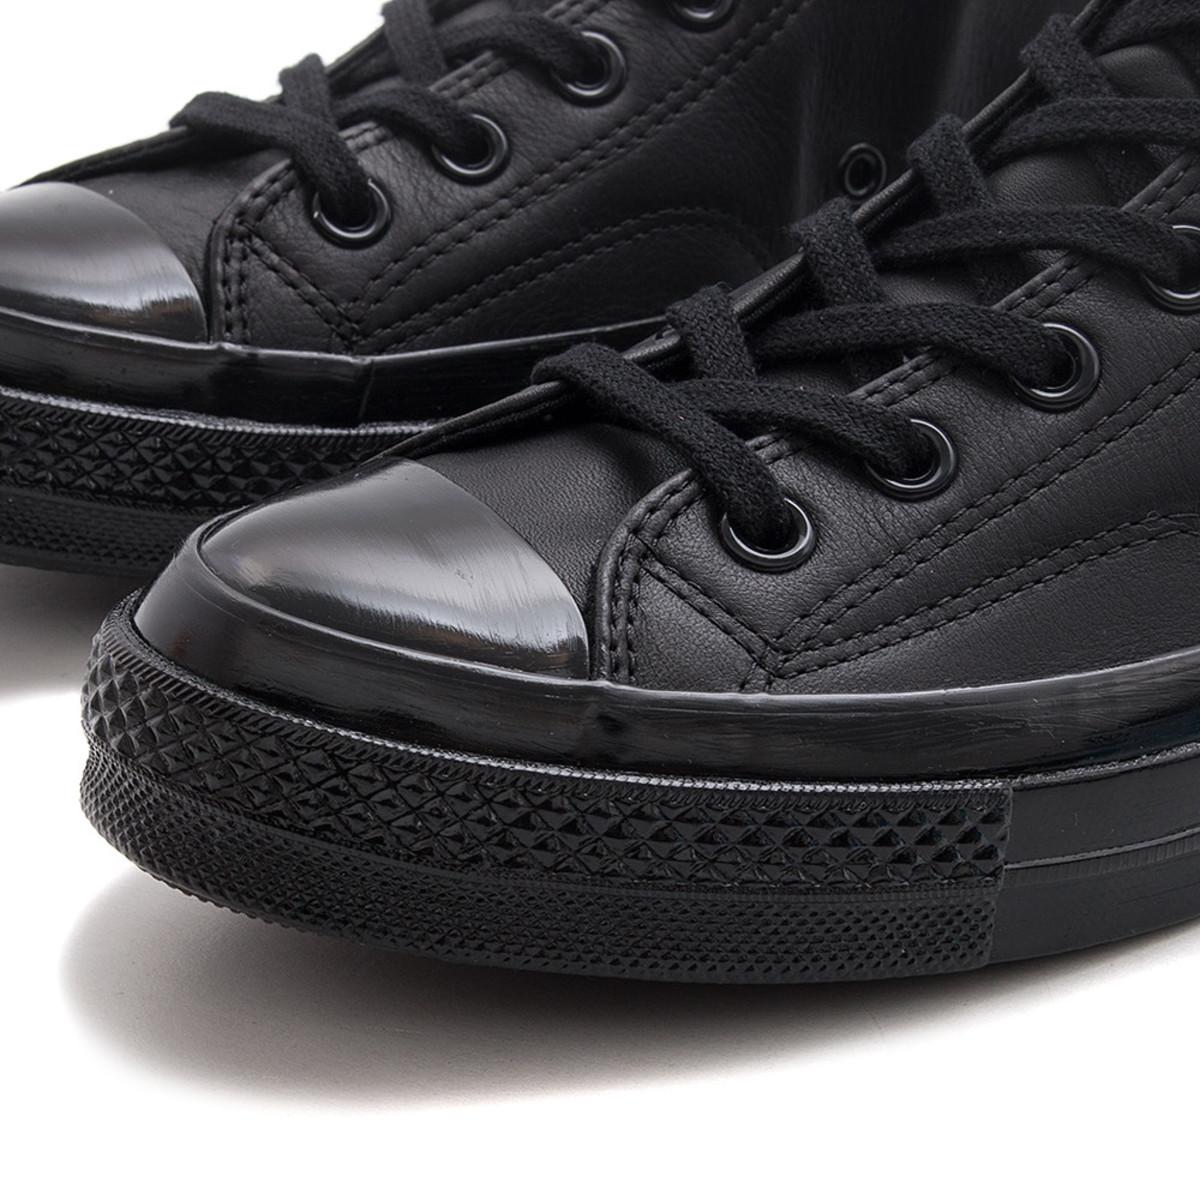 f543411e9a92 Converse Chuck Taylor All Star 70 Mono Leather Hi - Black